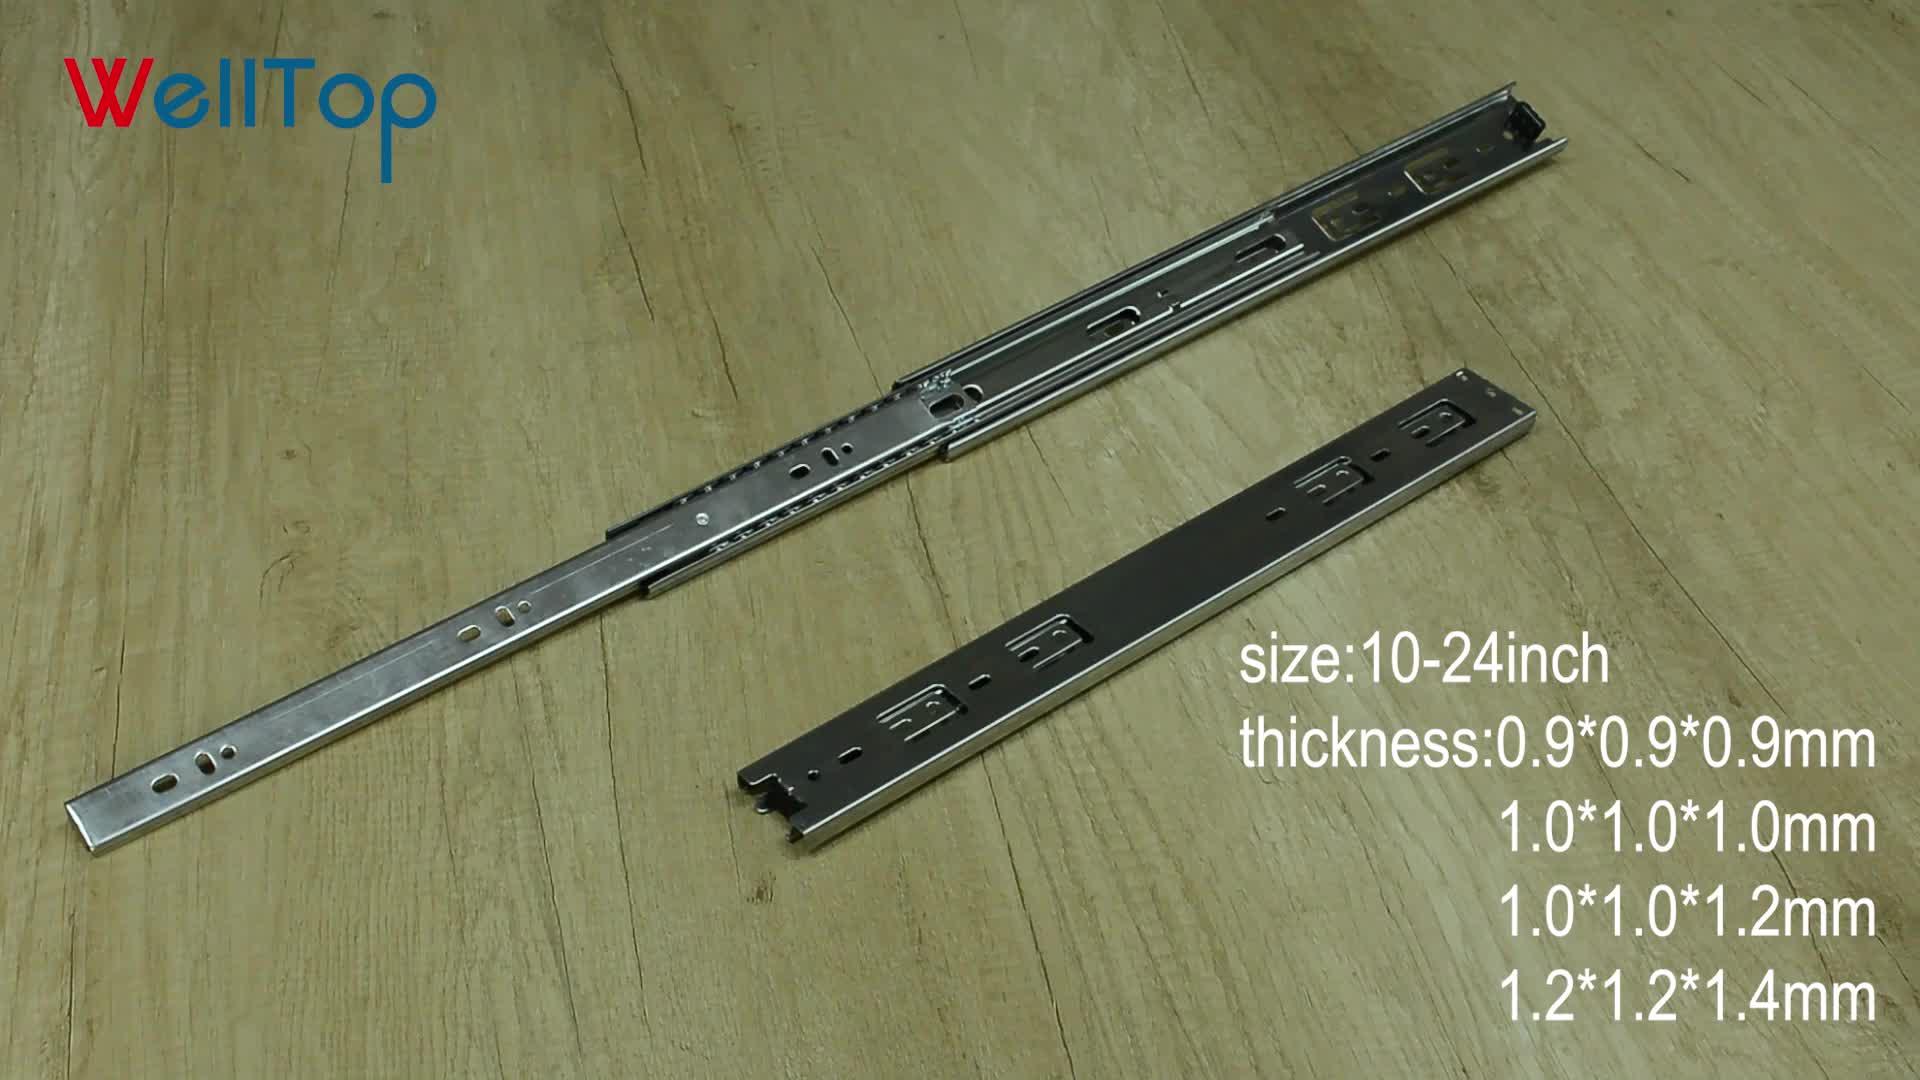 Welltop ハードウェア 45 ミリメートル 10-24 インチ 3 倍フルエクステンションテーブル引き出しスライド VT-15.005